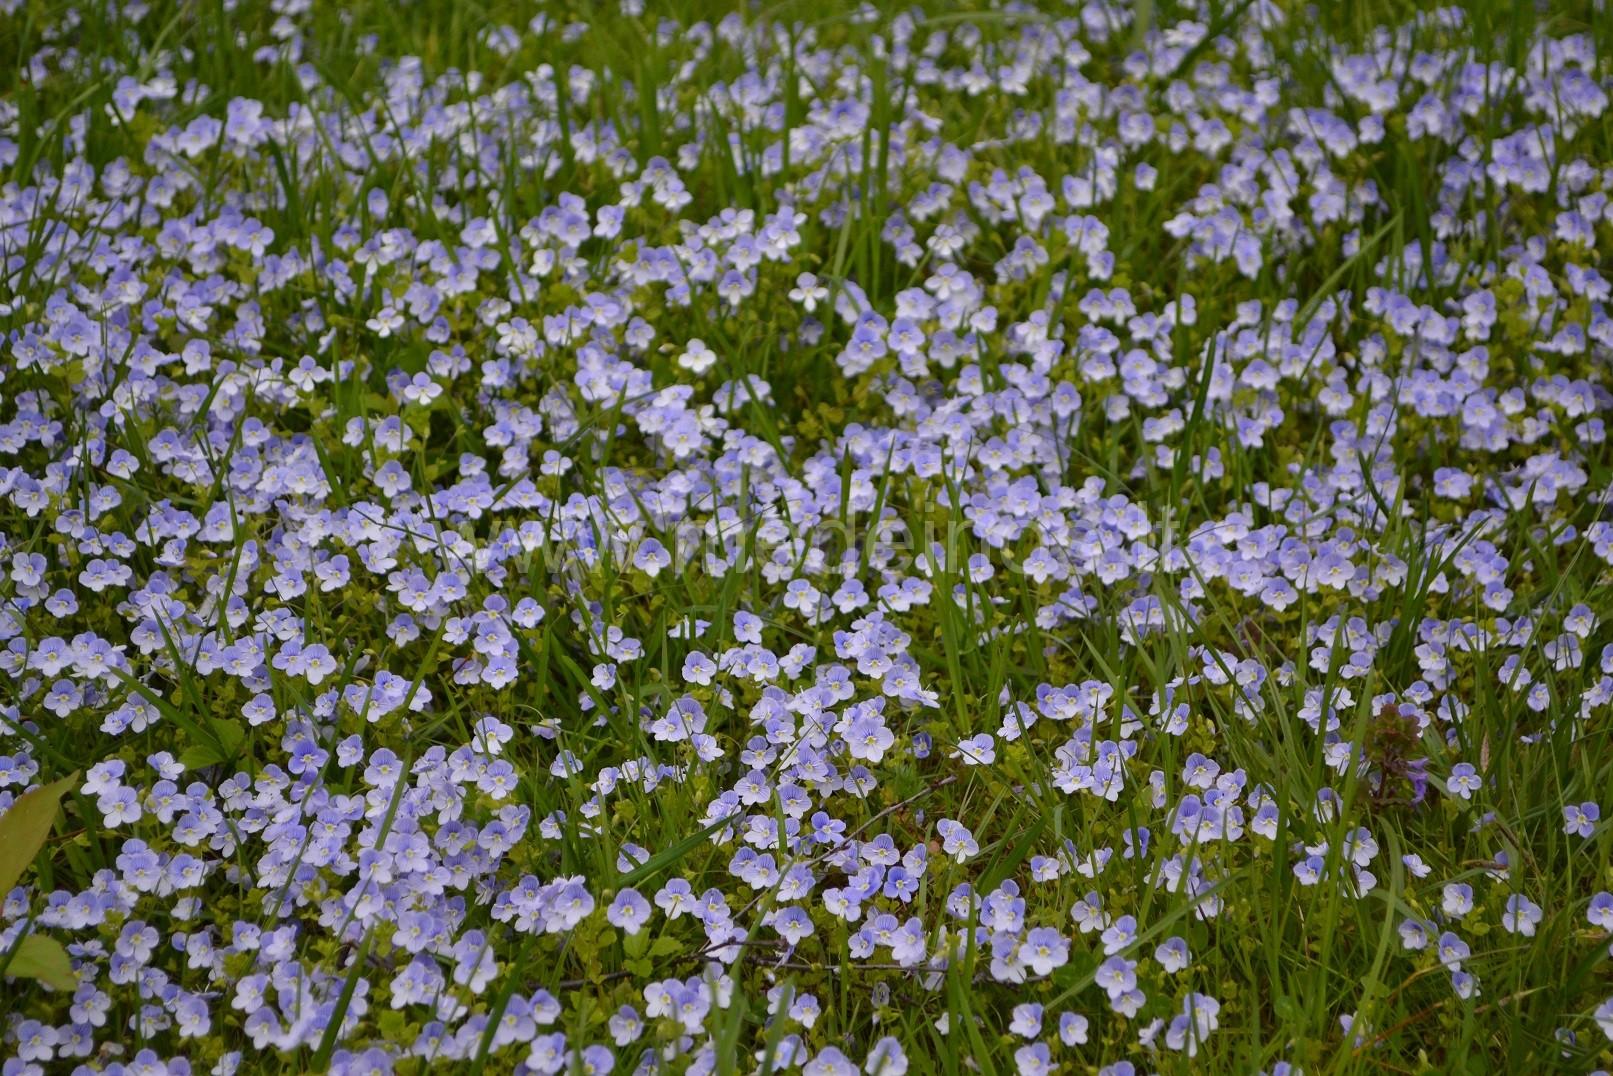 Laukinės gėlės, tinkančios gėlynams